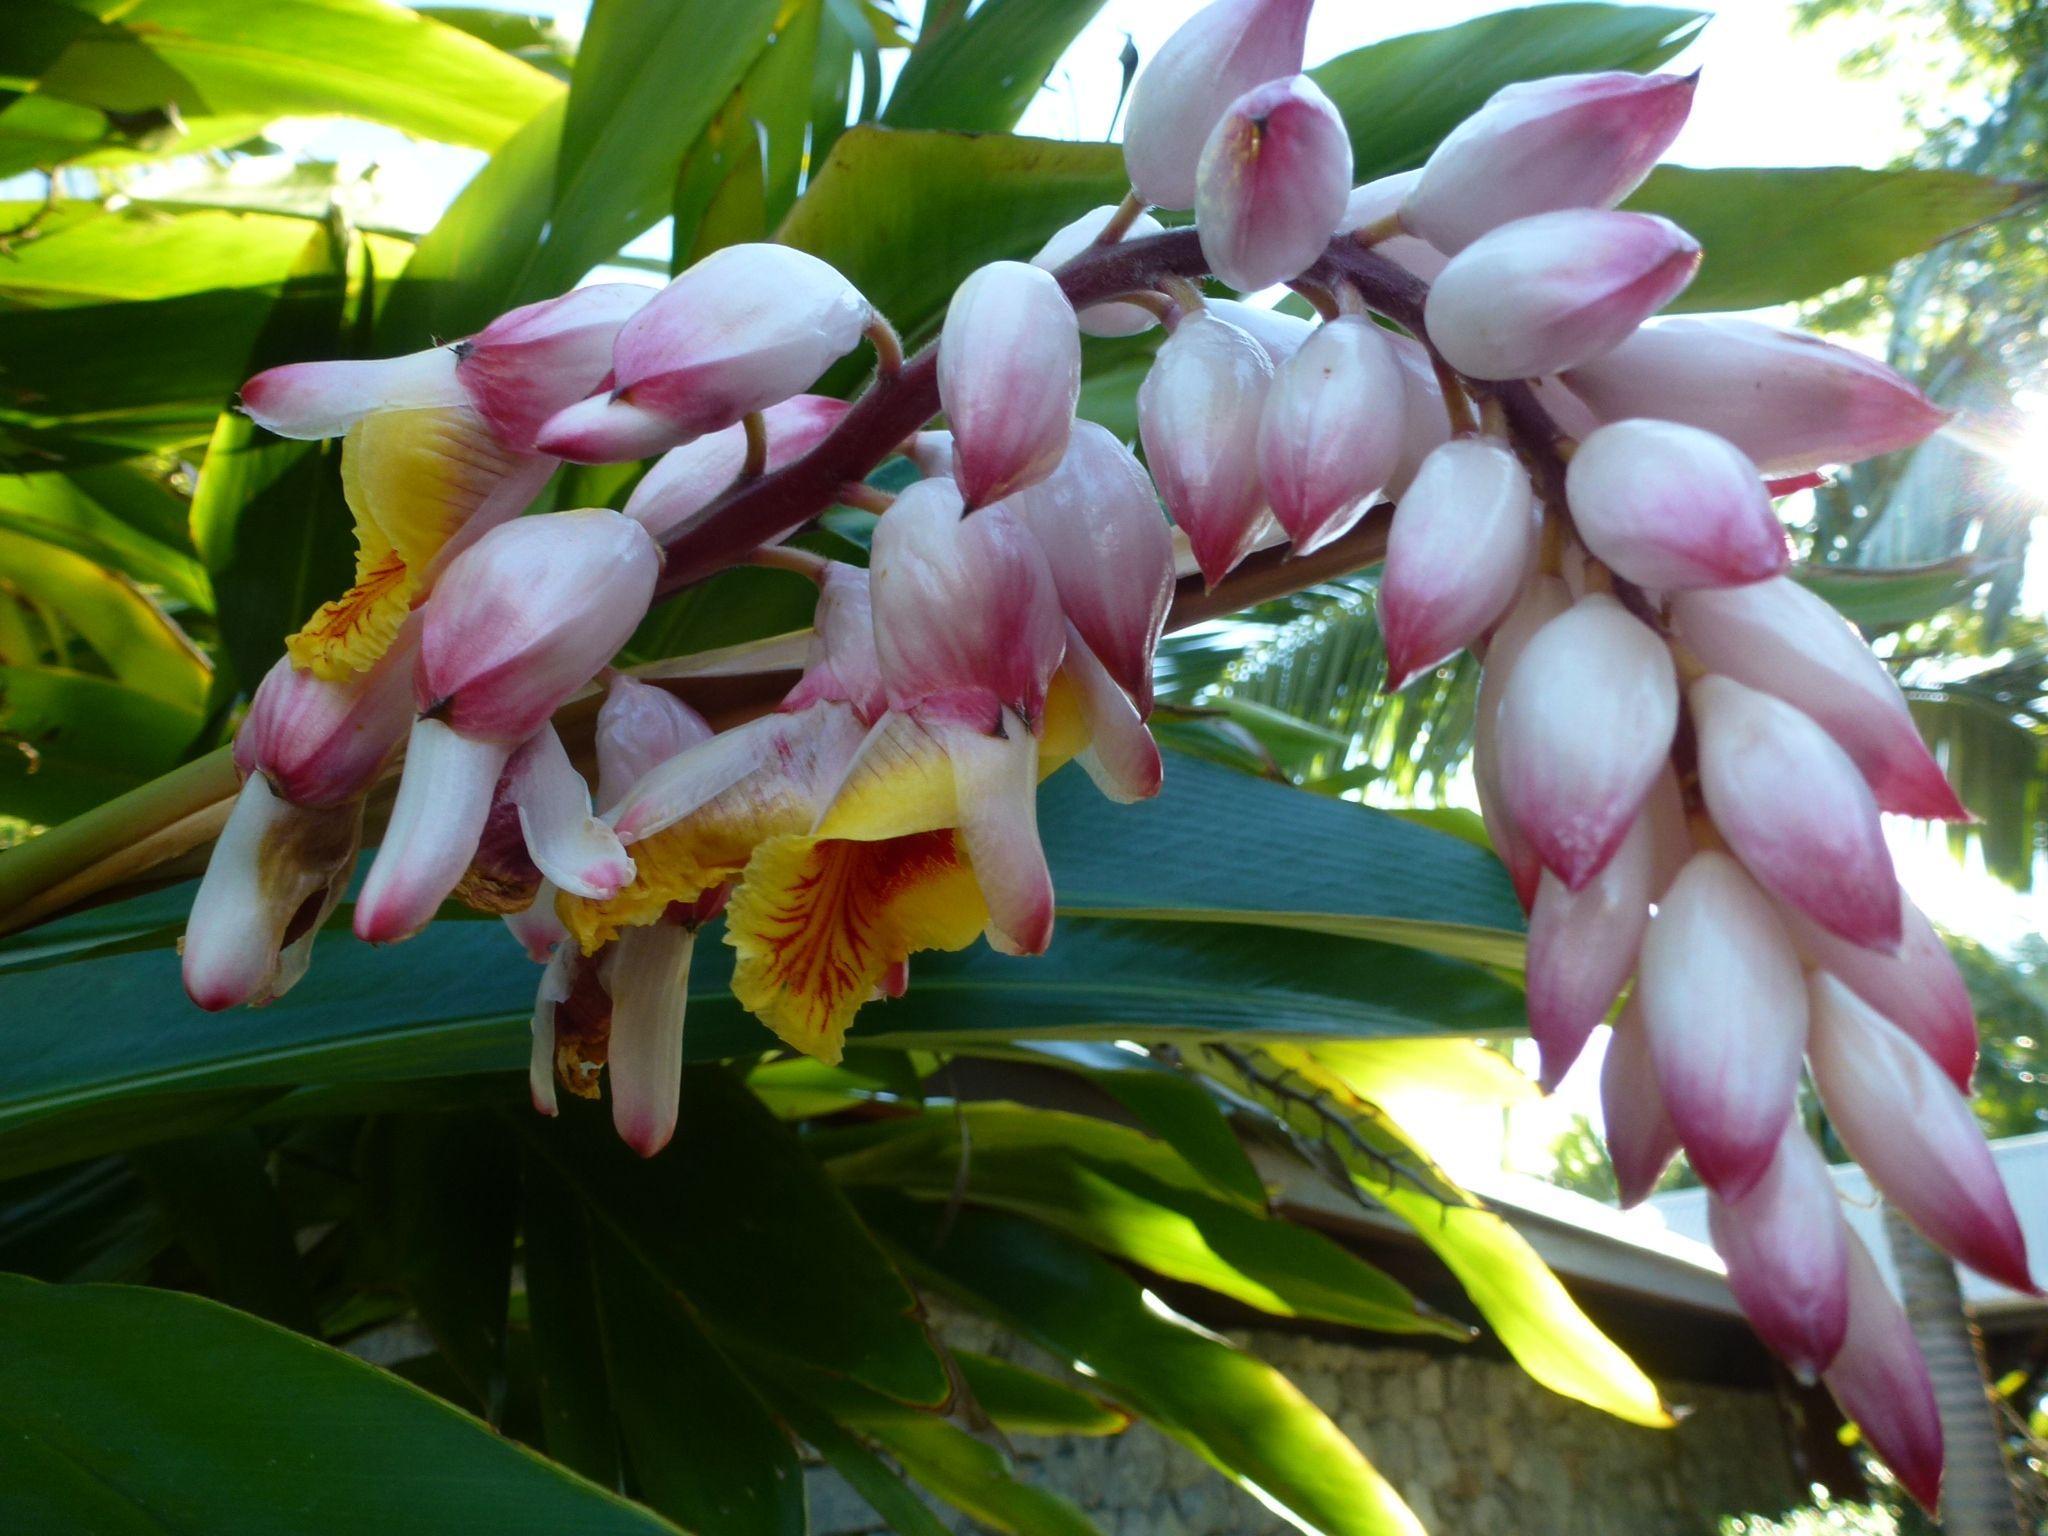 Flower from Ornamental ginger plant.